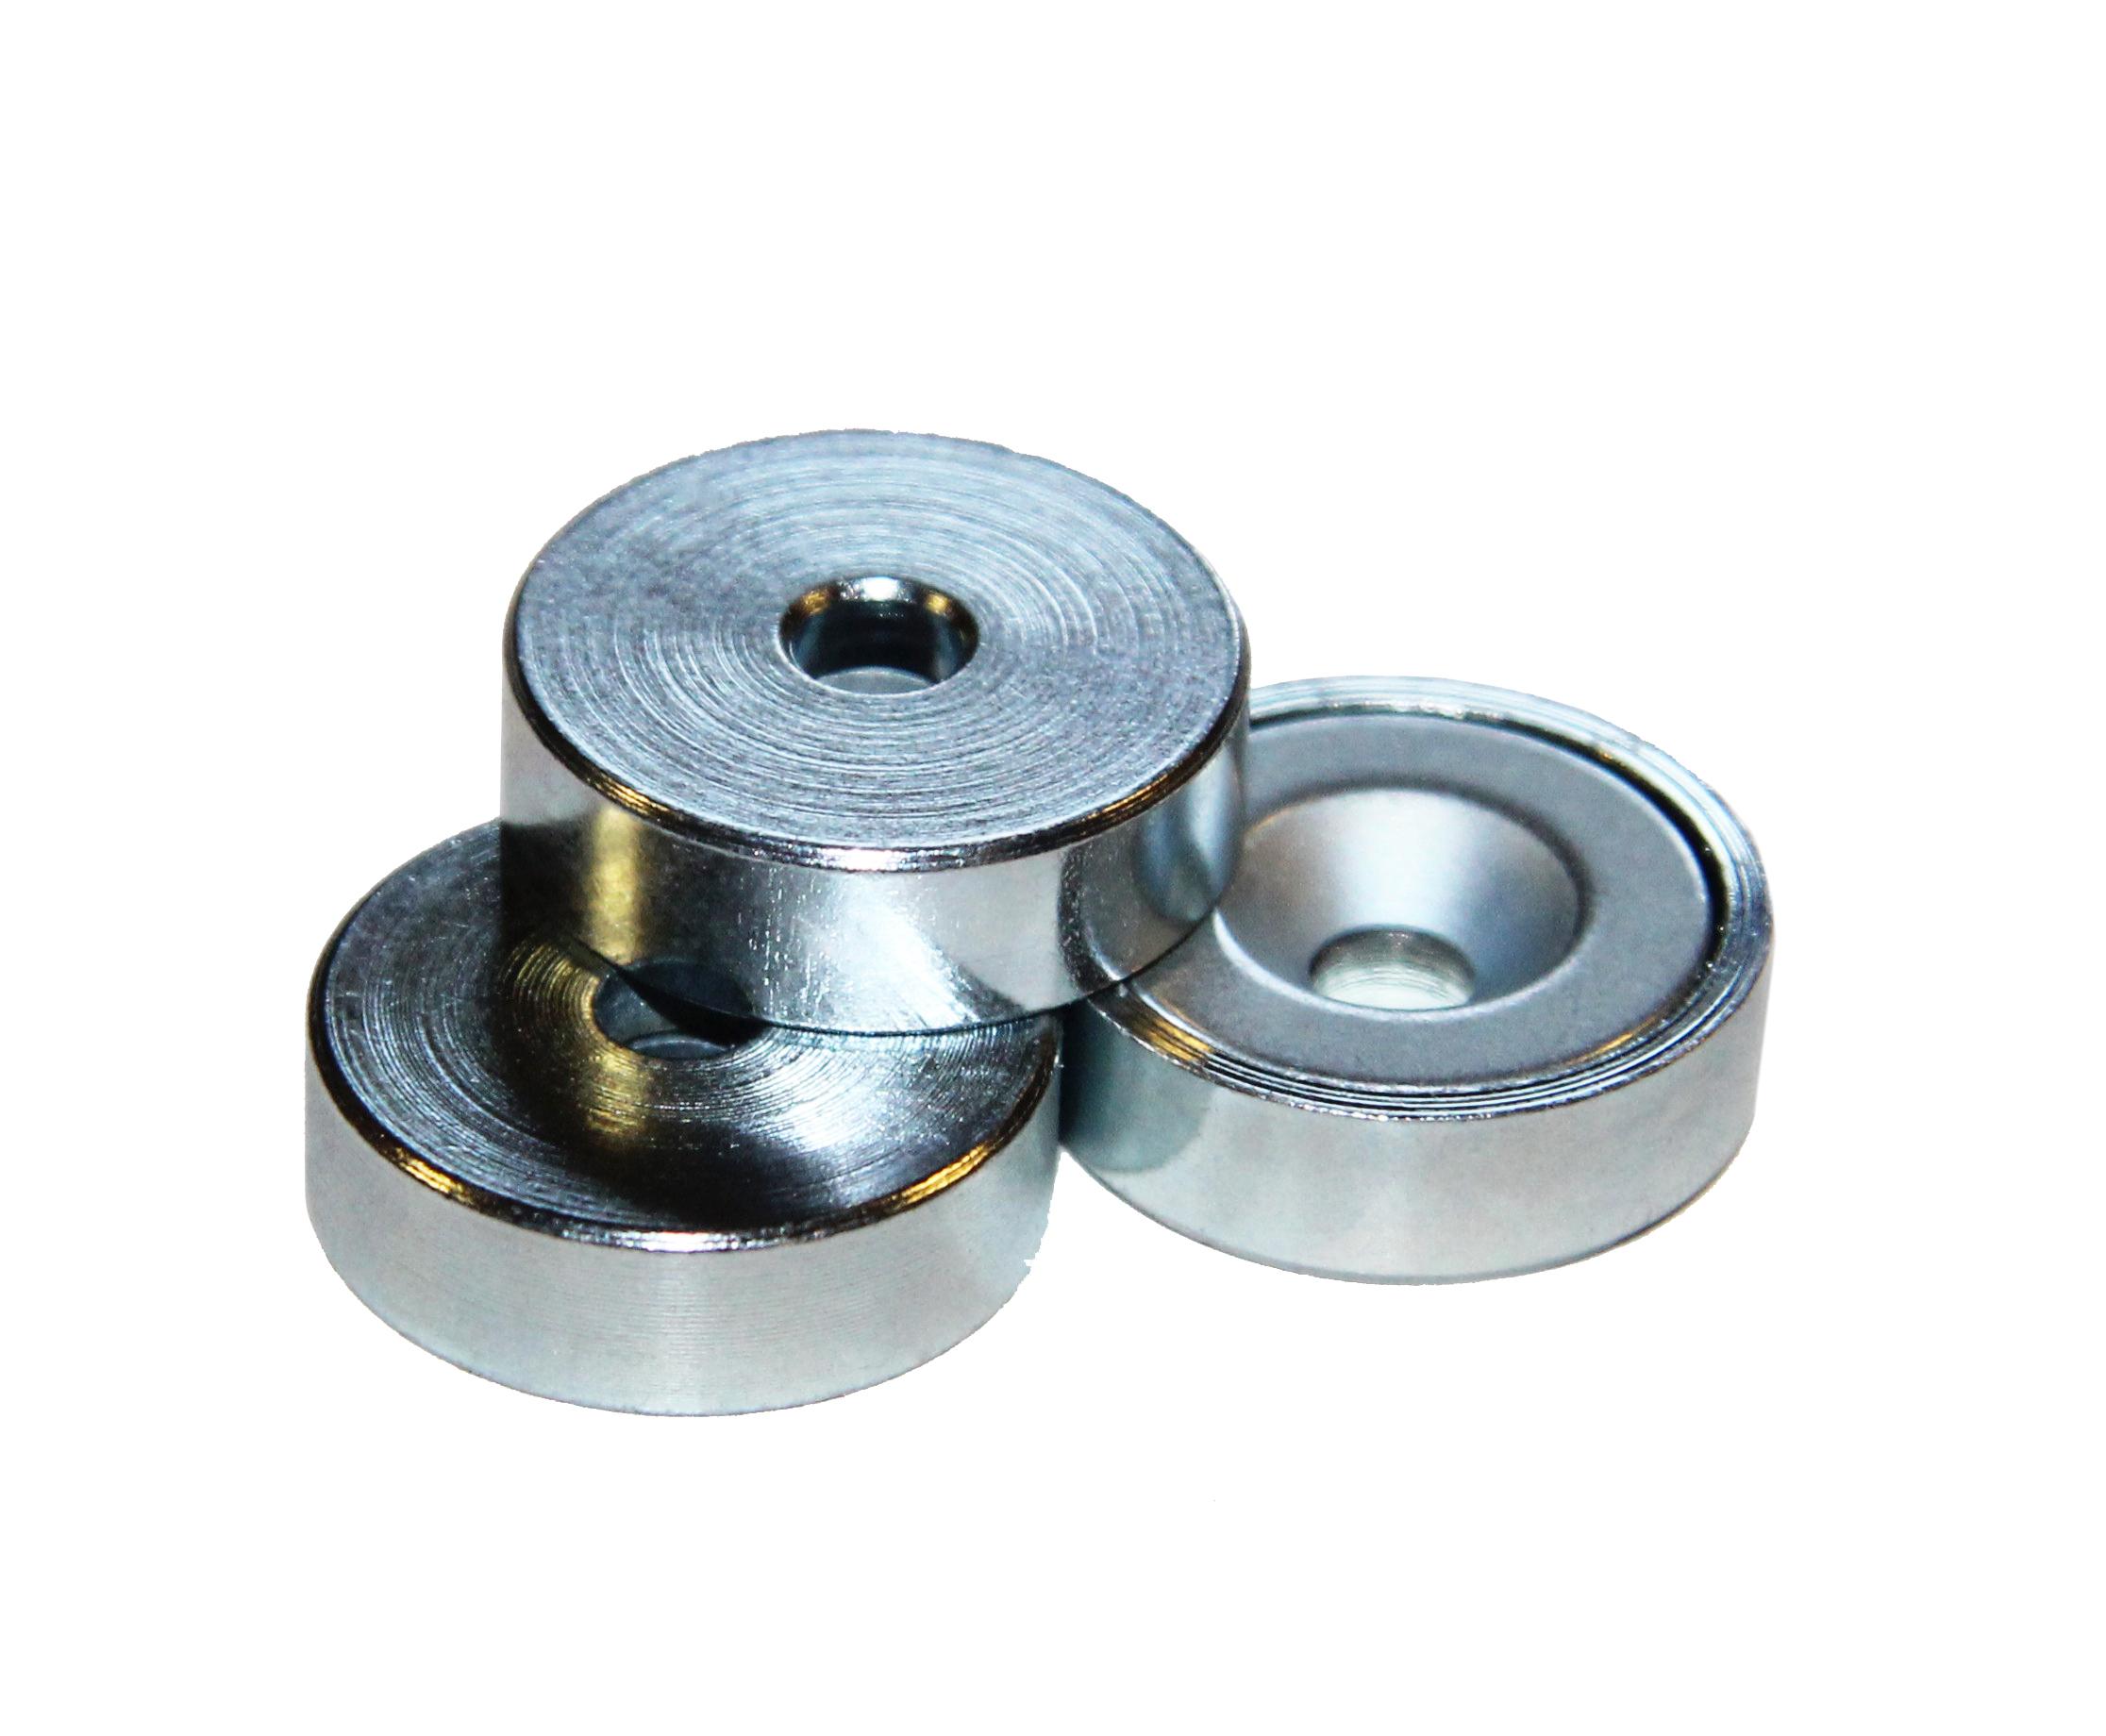 Hyab magneter ALLT I MAGNETER! Erfarenhet av magneter sedan